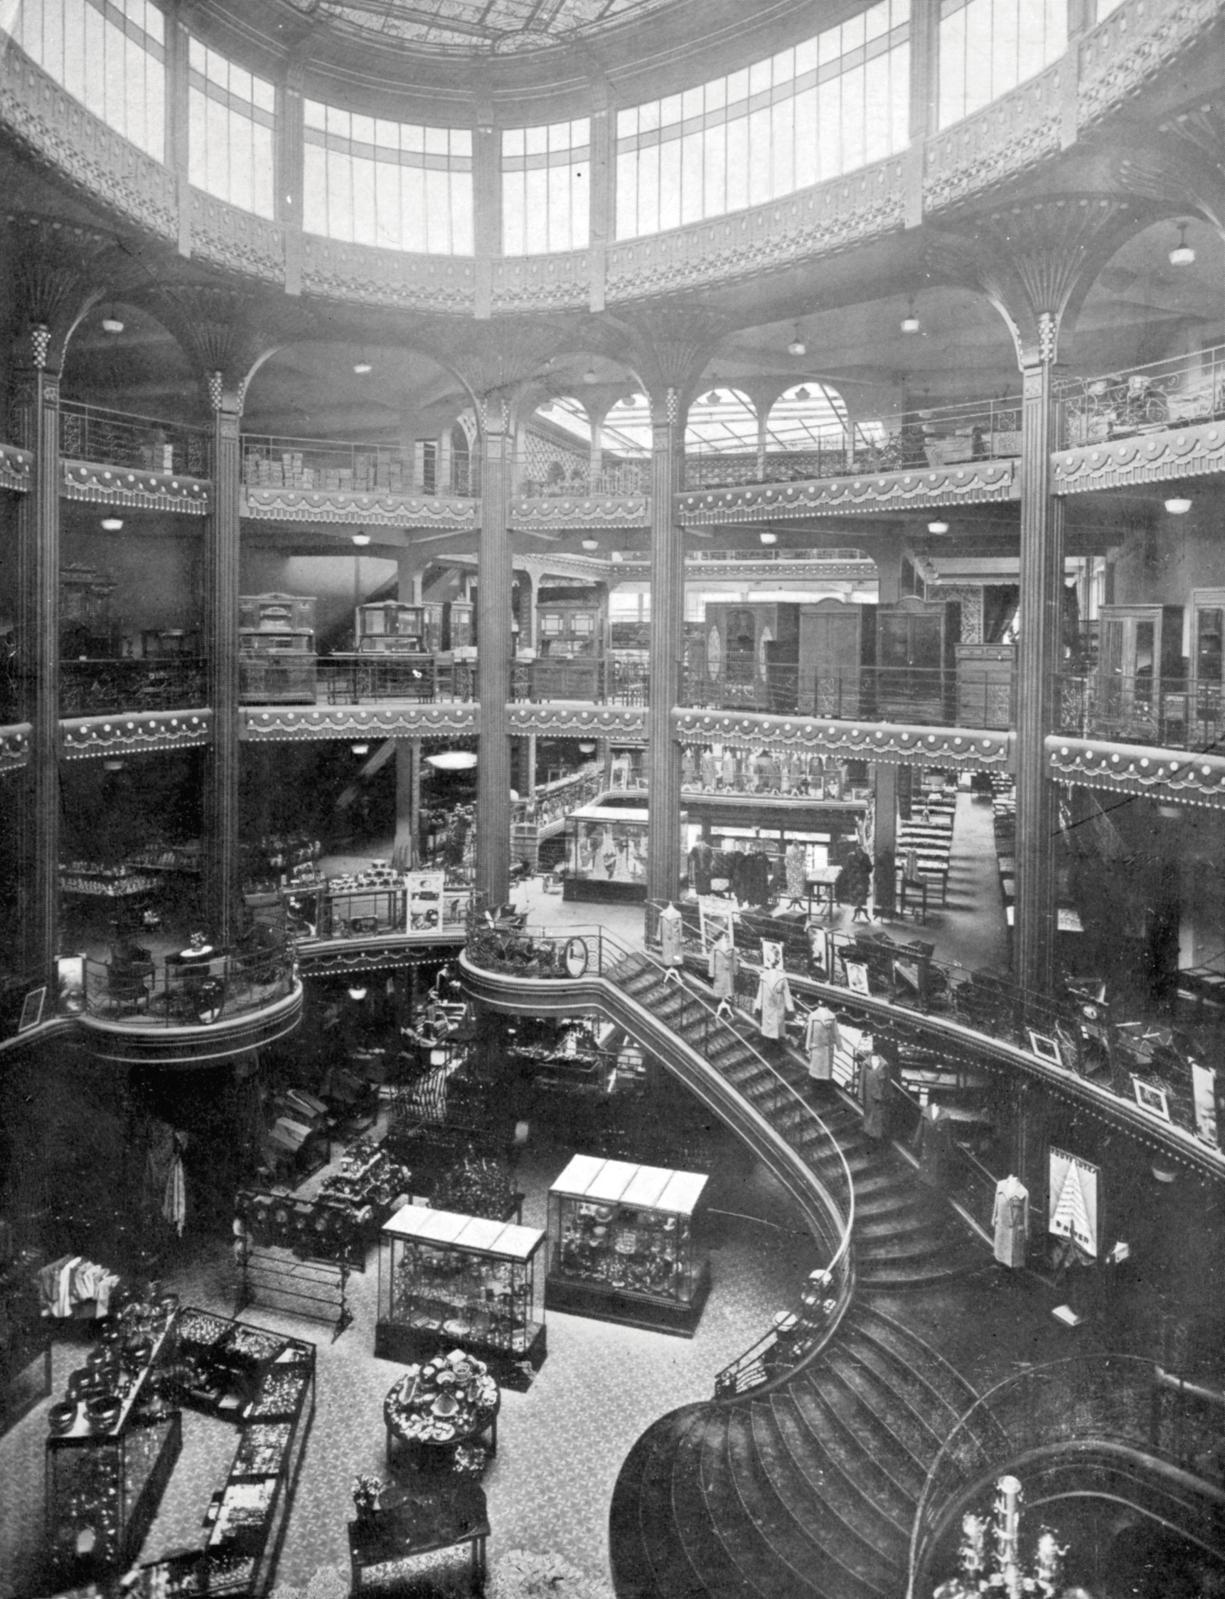 View of the oval atrium and main staircase between 1927 and 1934. Fonds Bétons Armés Hennebique. CNAM/SIAF/Cité de l'architecture et du pa